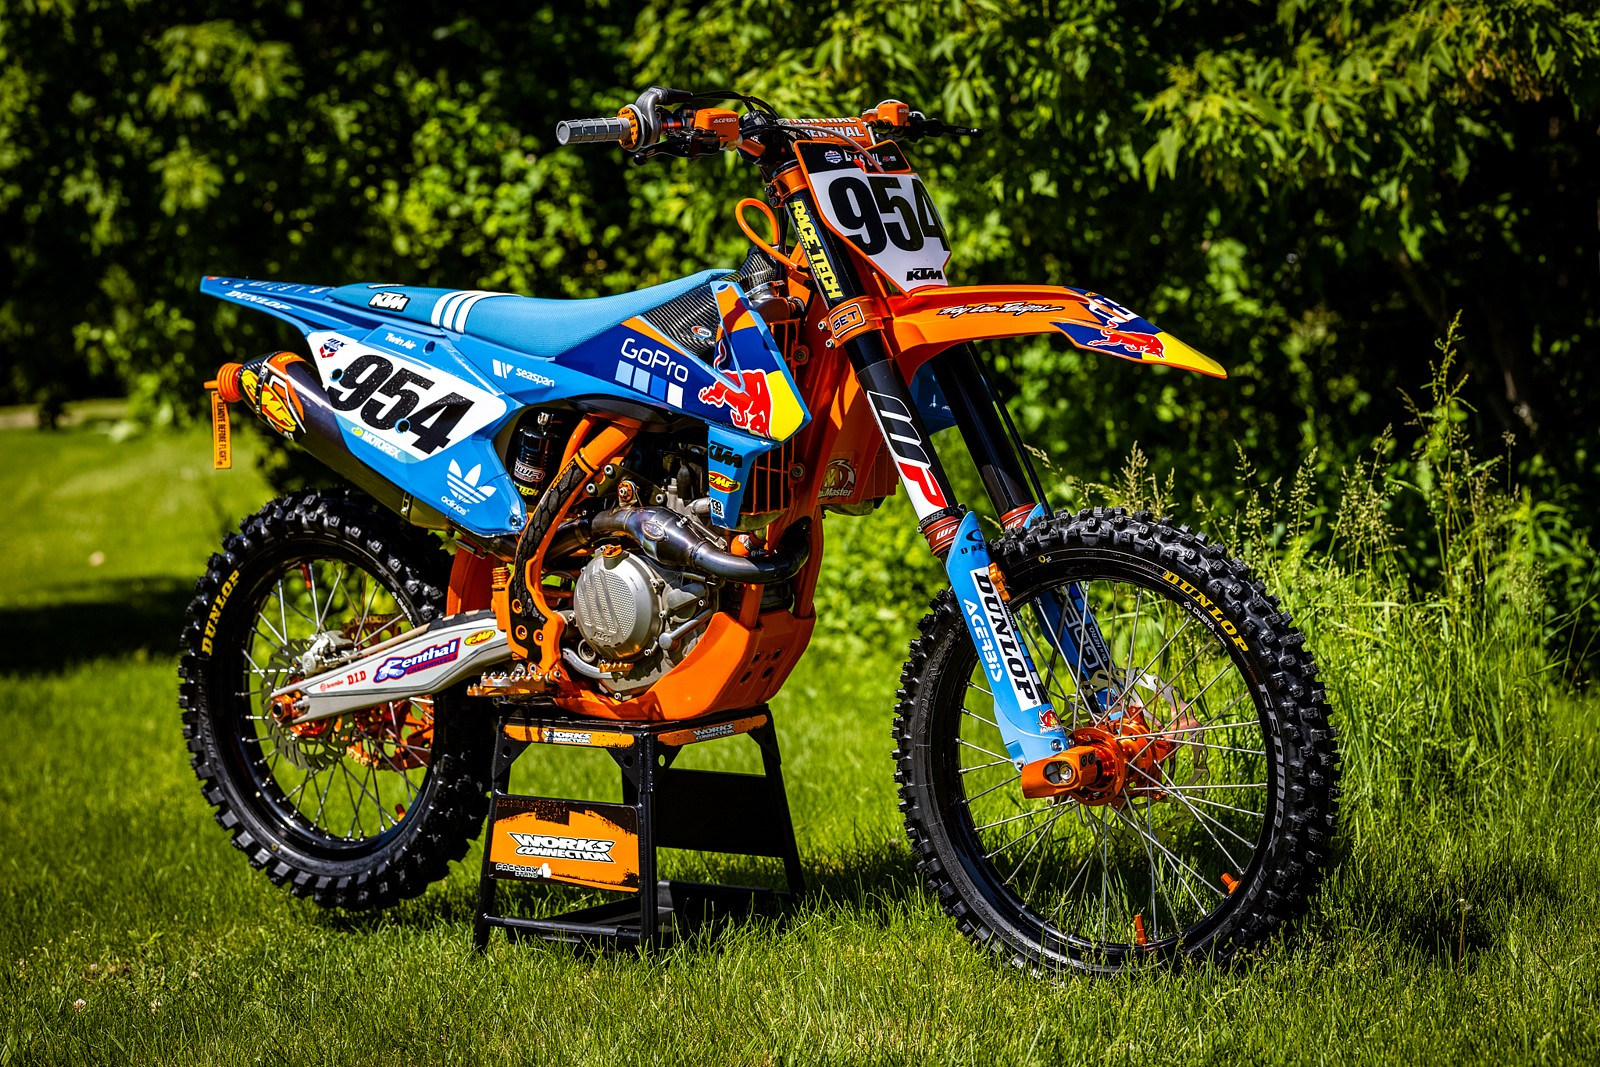 ktm 24 - GForce MMG - Motocross Pictures - Vital MX